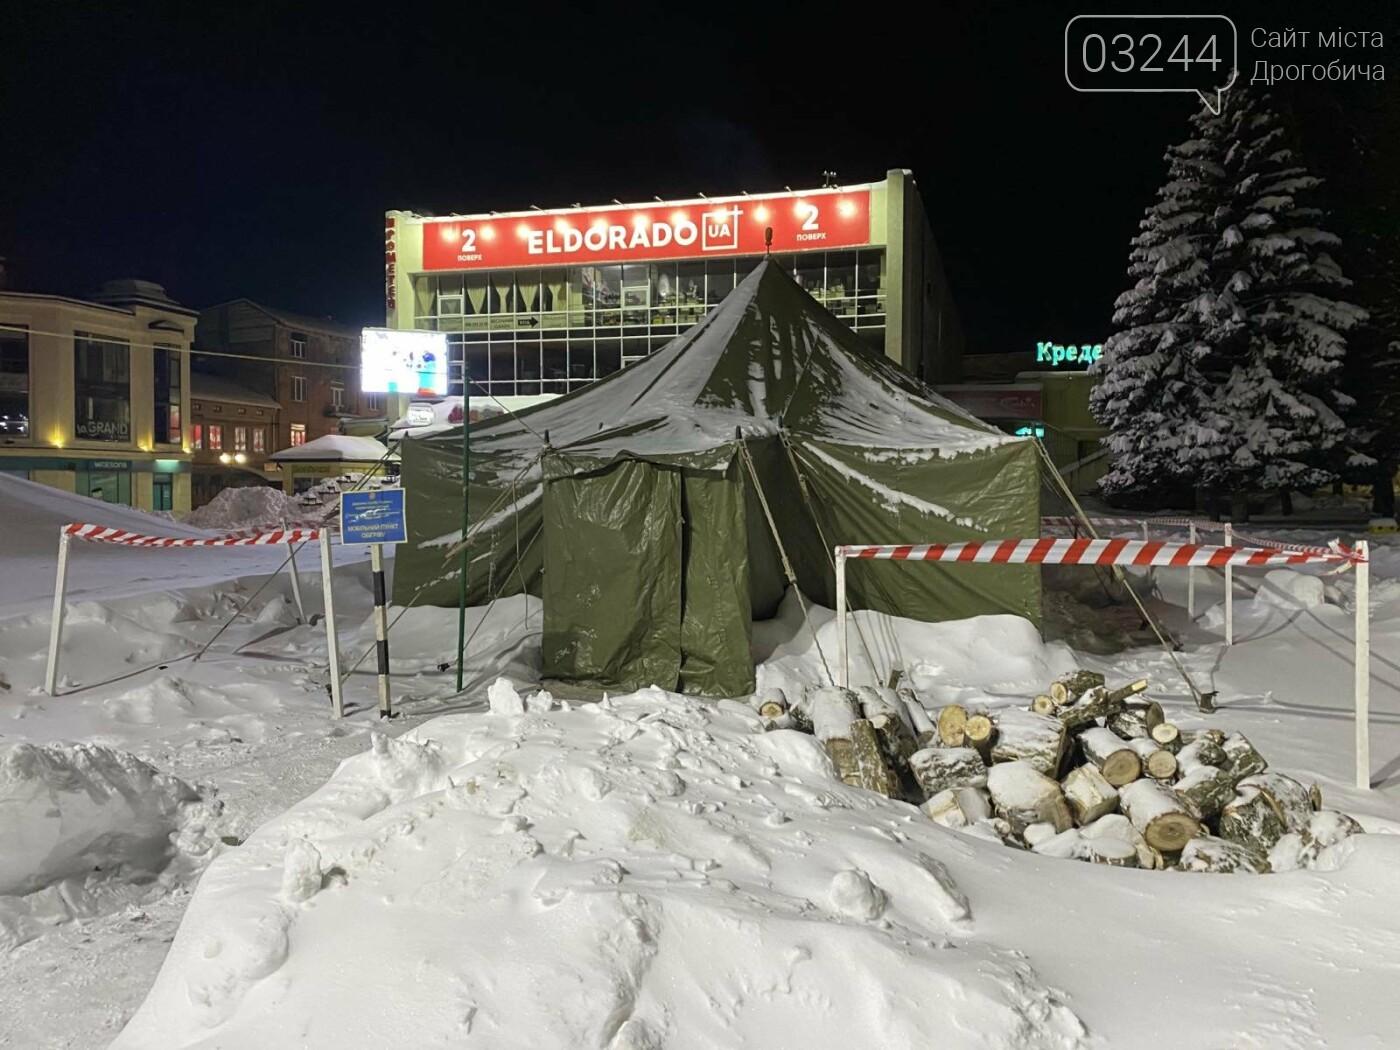 Притрусило: негода перетворила автівки, які не виїжджали кілька днів, на снігові кургани, - ФОТОРЕПОРТАЖ, фото-17